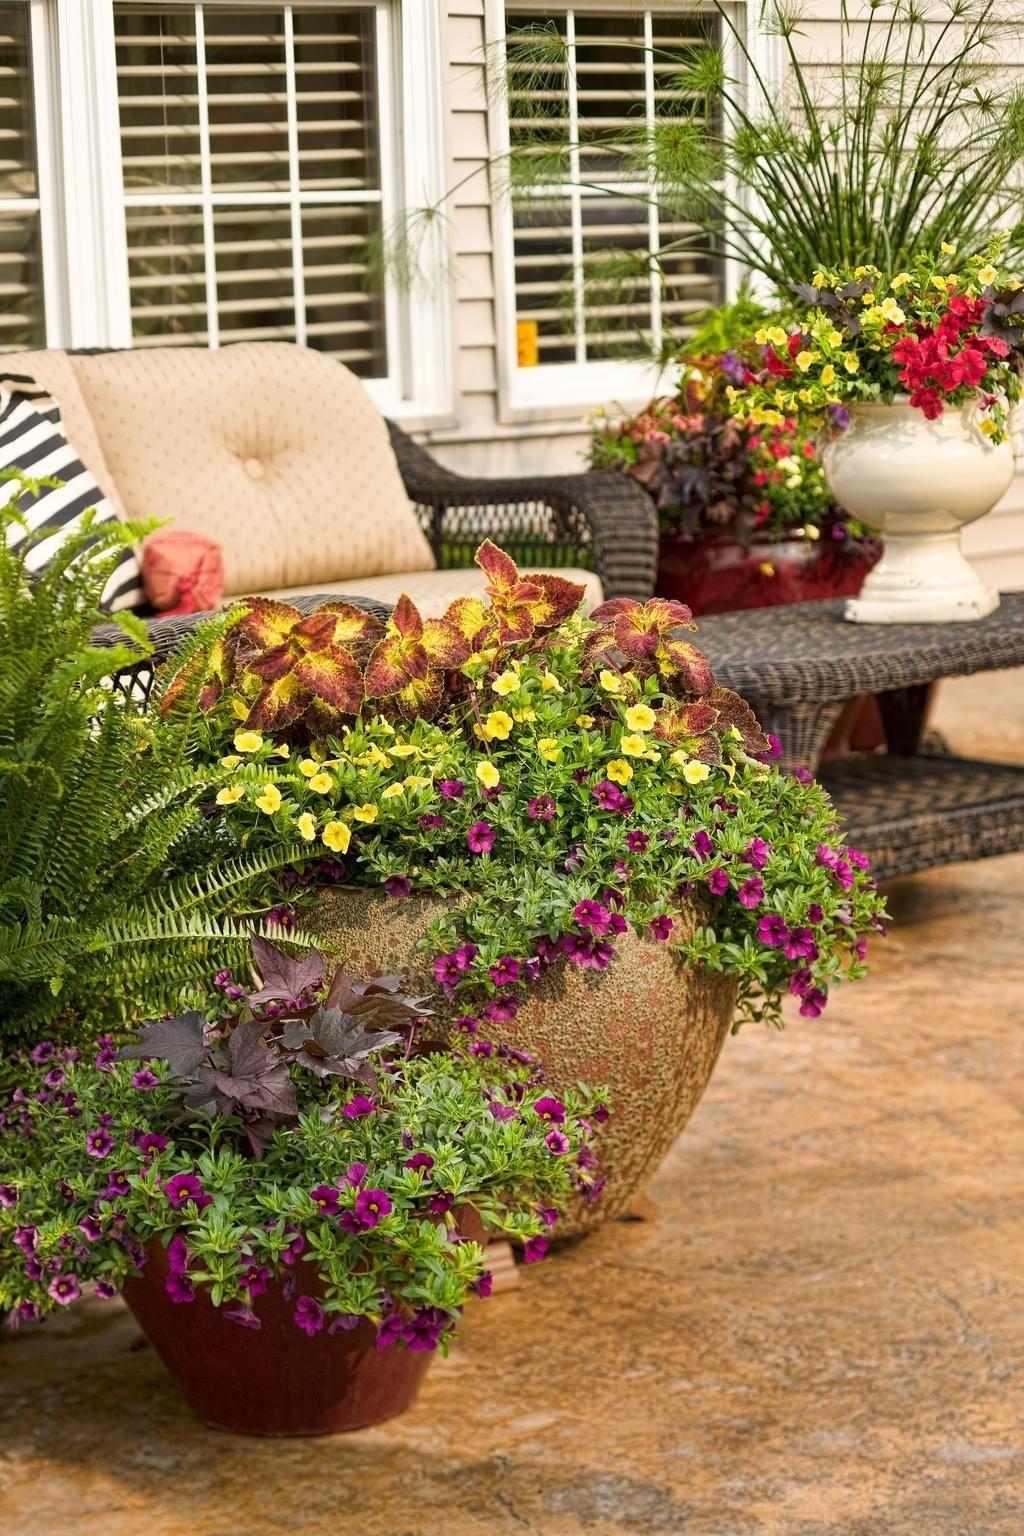 Make a hidden water reservoir for pots in the garden.When